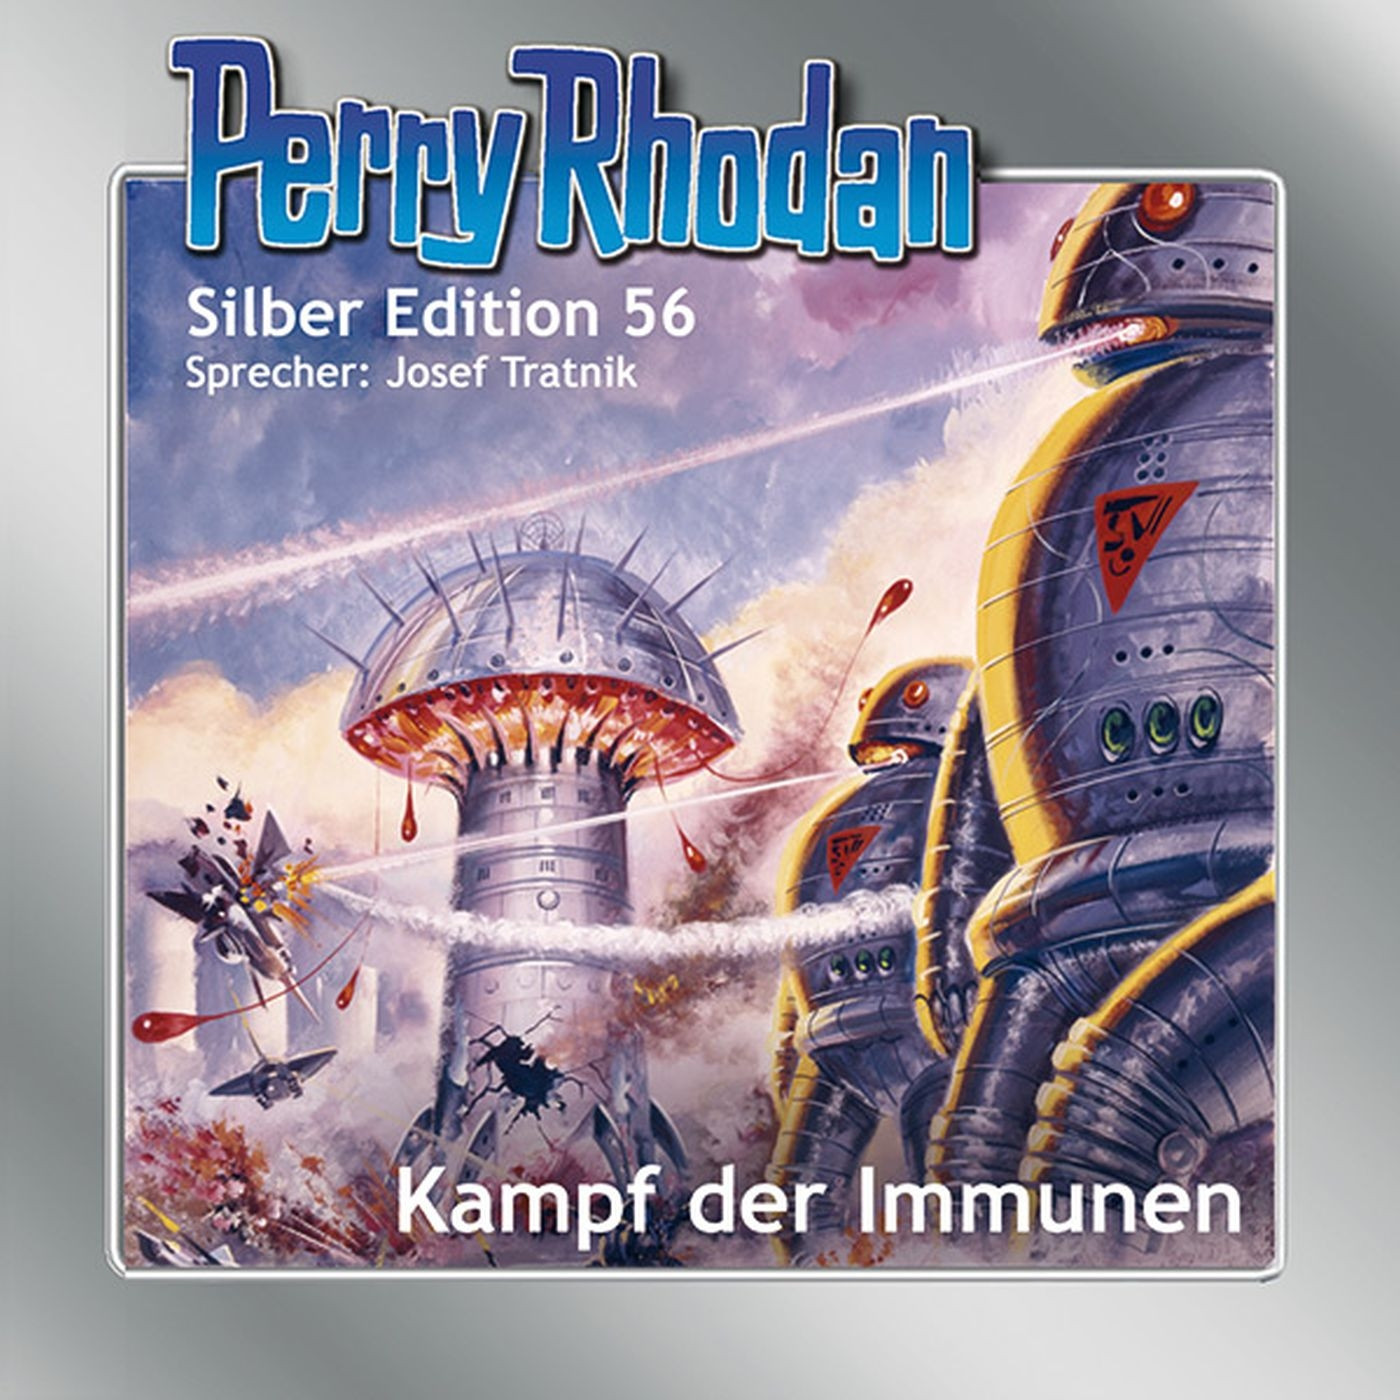 Perry Rhodan Silber Edition CD 56: Kampf der Immunen